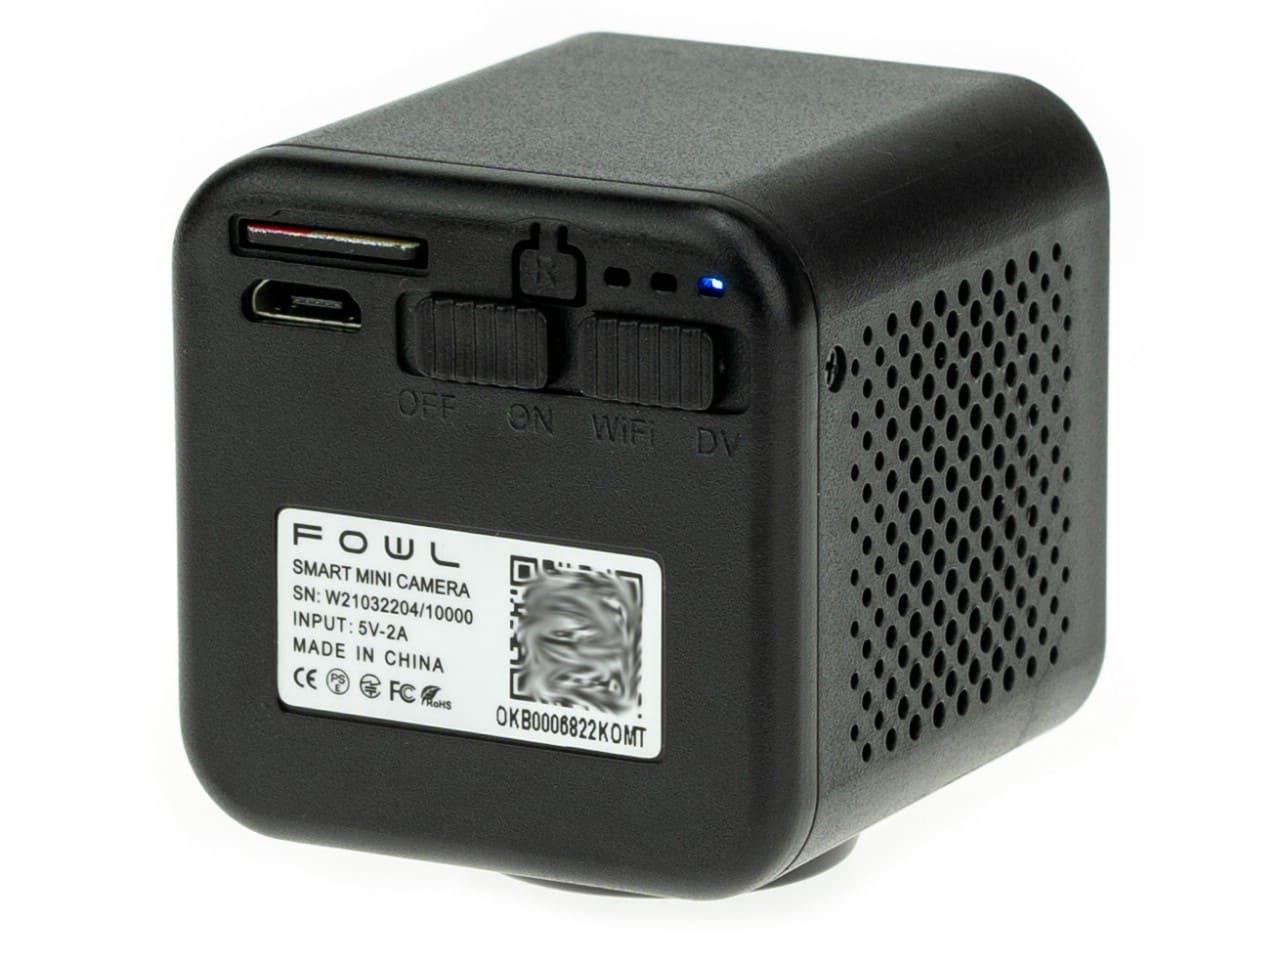 Wi-Fi мини камера Ambertek Q85S FOWL